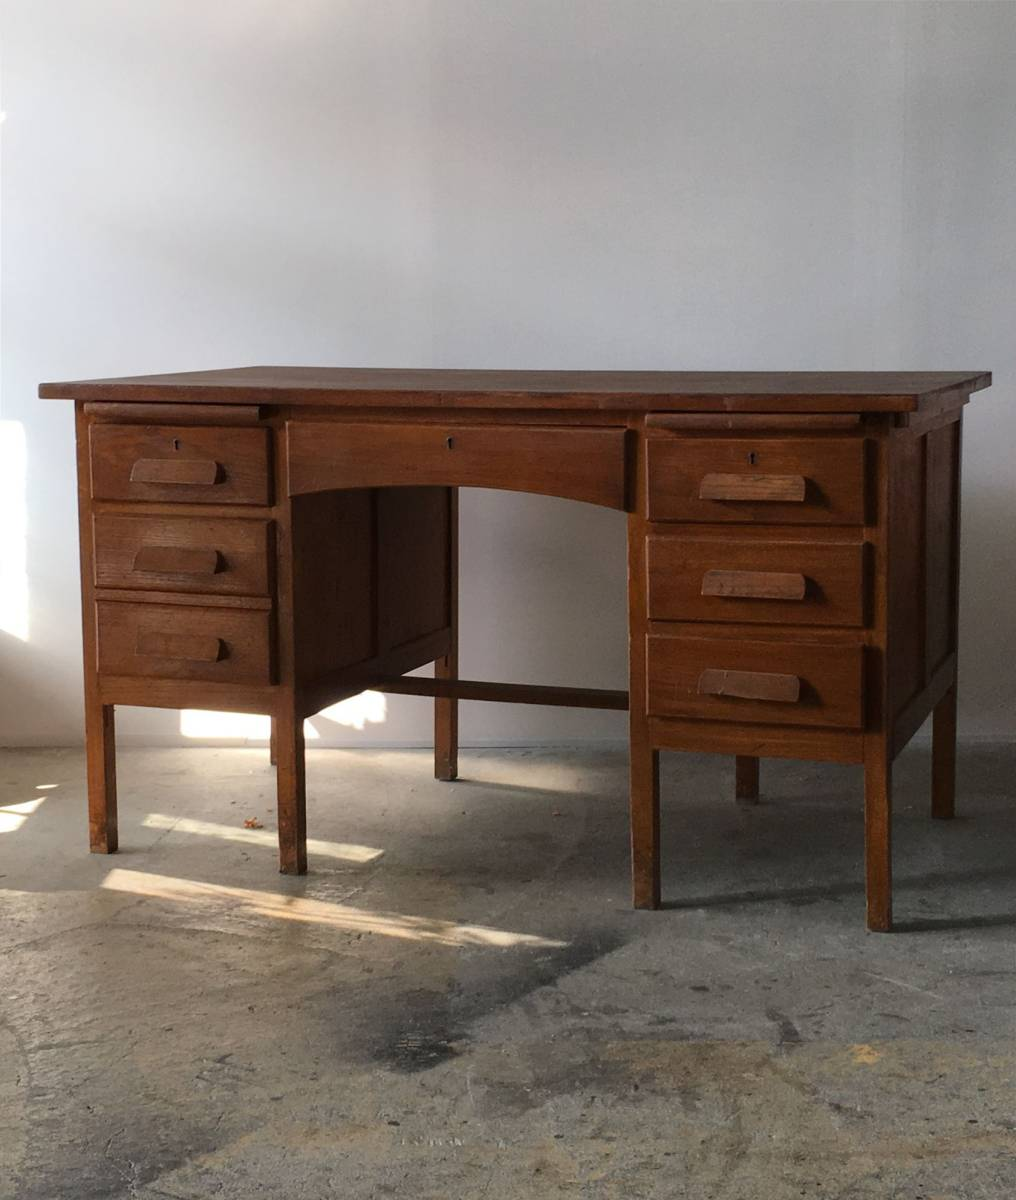 イギリス アンティーク 1940s MID CENTURY DESK オーク デスク 机 テーブル イス ビンテージ_画像1